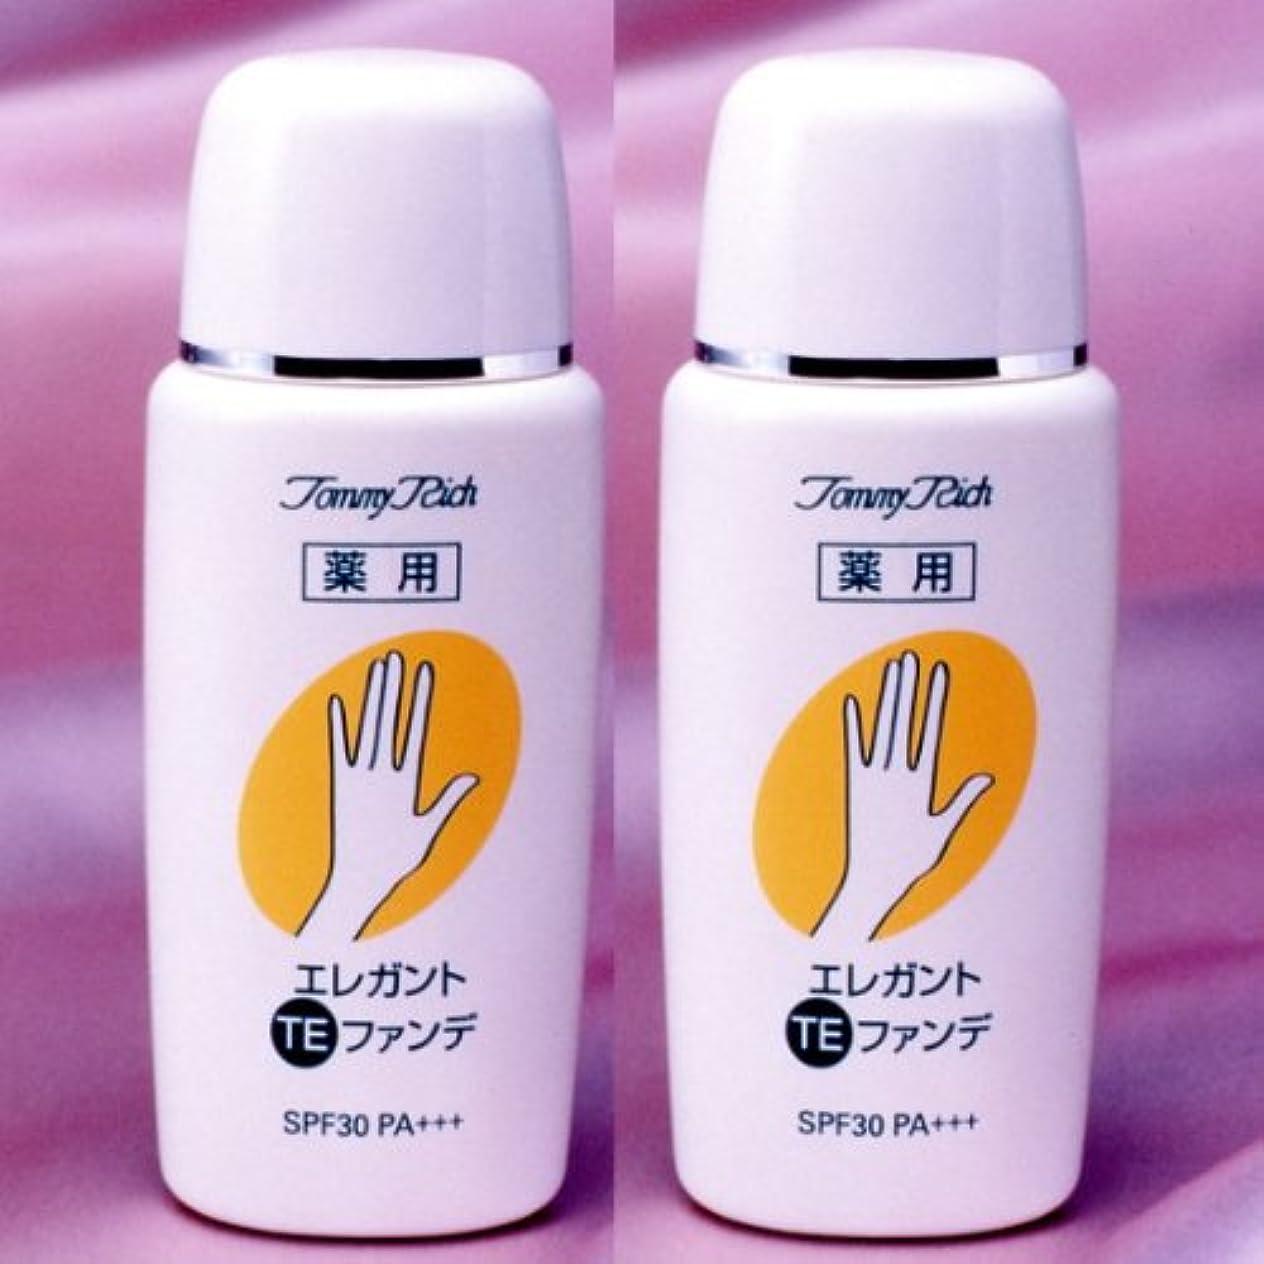 スピン指定不実手や腕のシミや老班をカバーして、白く清潔で美しい手になる!! 「薬用エレガントTEファンデ 2個セット」